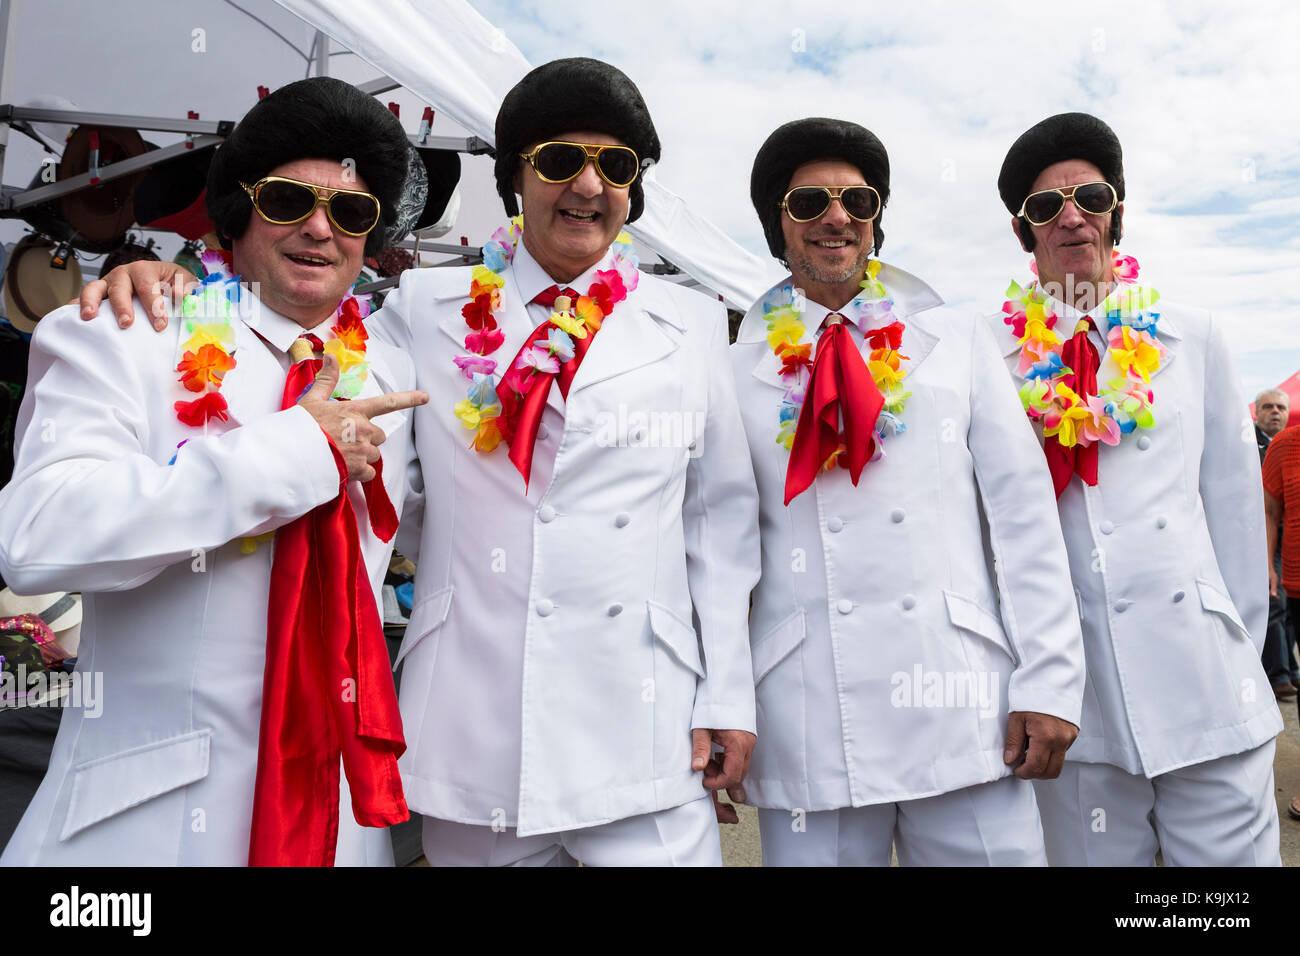 Elvis regarder-un-aime (de gauche à droite) David Lee, Chris Lester, 'Factory Phil' et Dean Sullivan Photo Stock